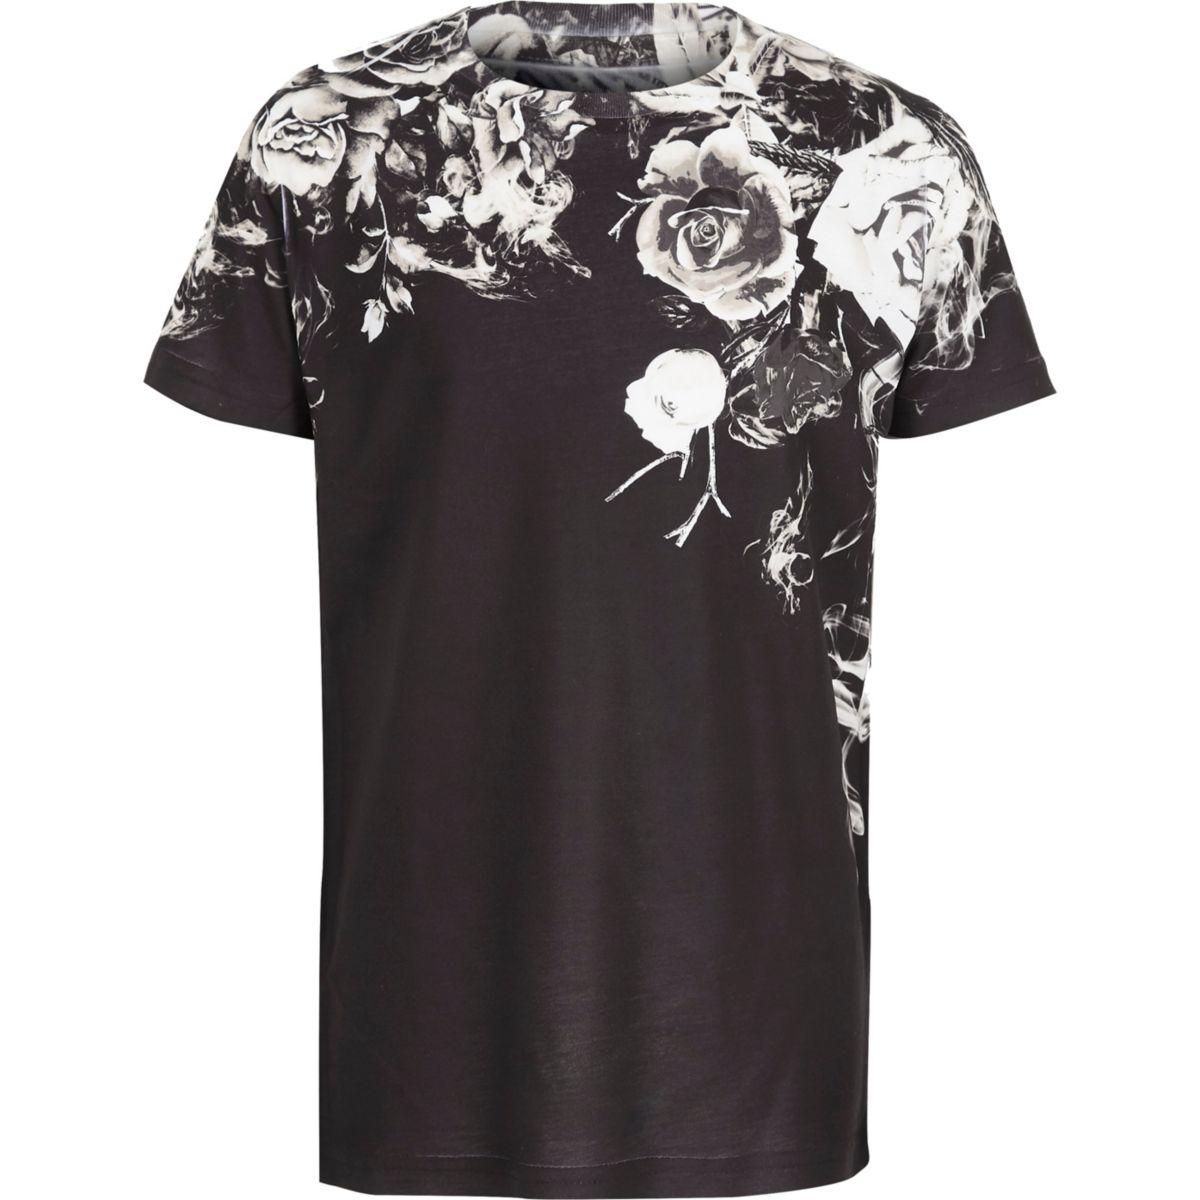 T-shirt à imprimé floral délavé noir garçon